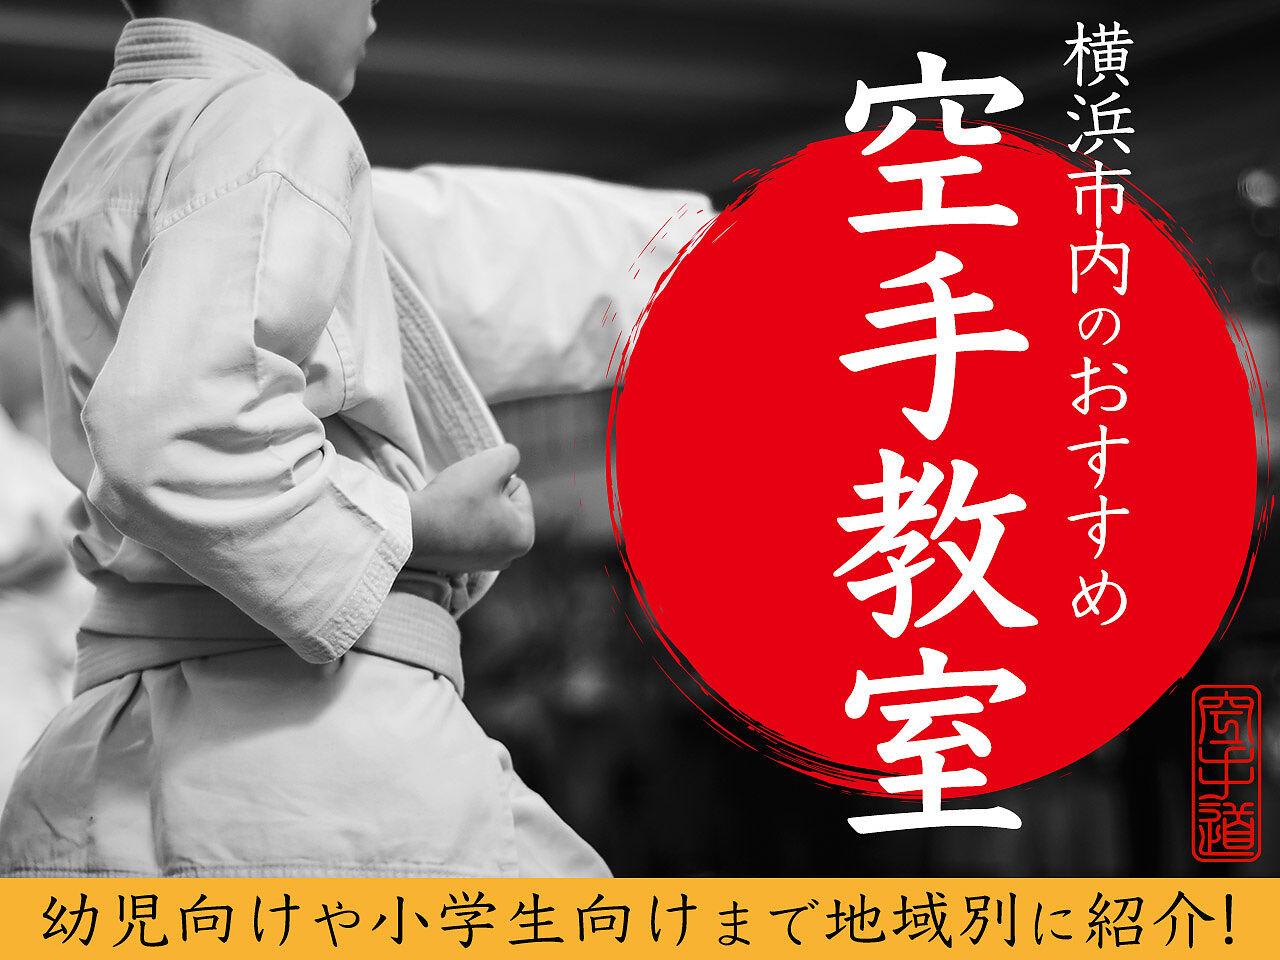 横浜市内の空手教室おすすめ20選【2021年】幼児向けや小学生向けまで地域別に紹介!の画像